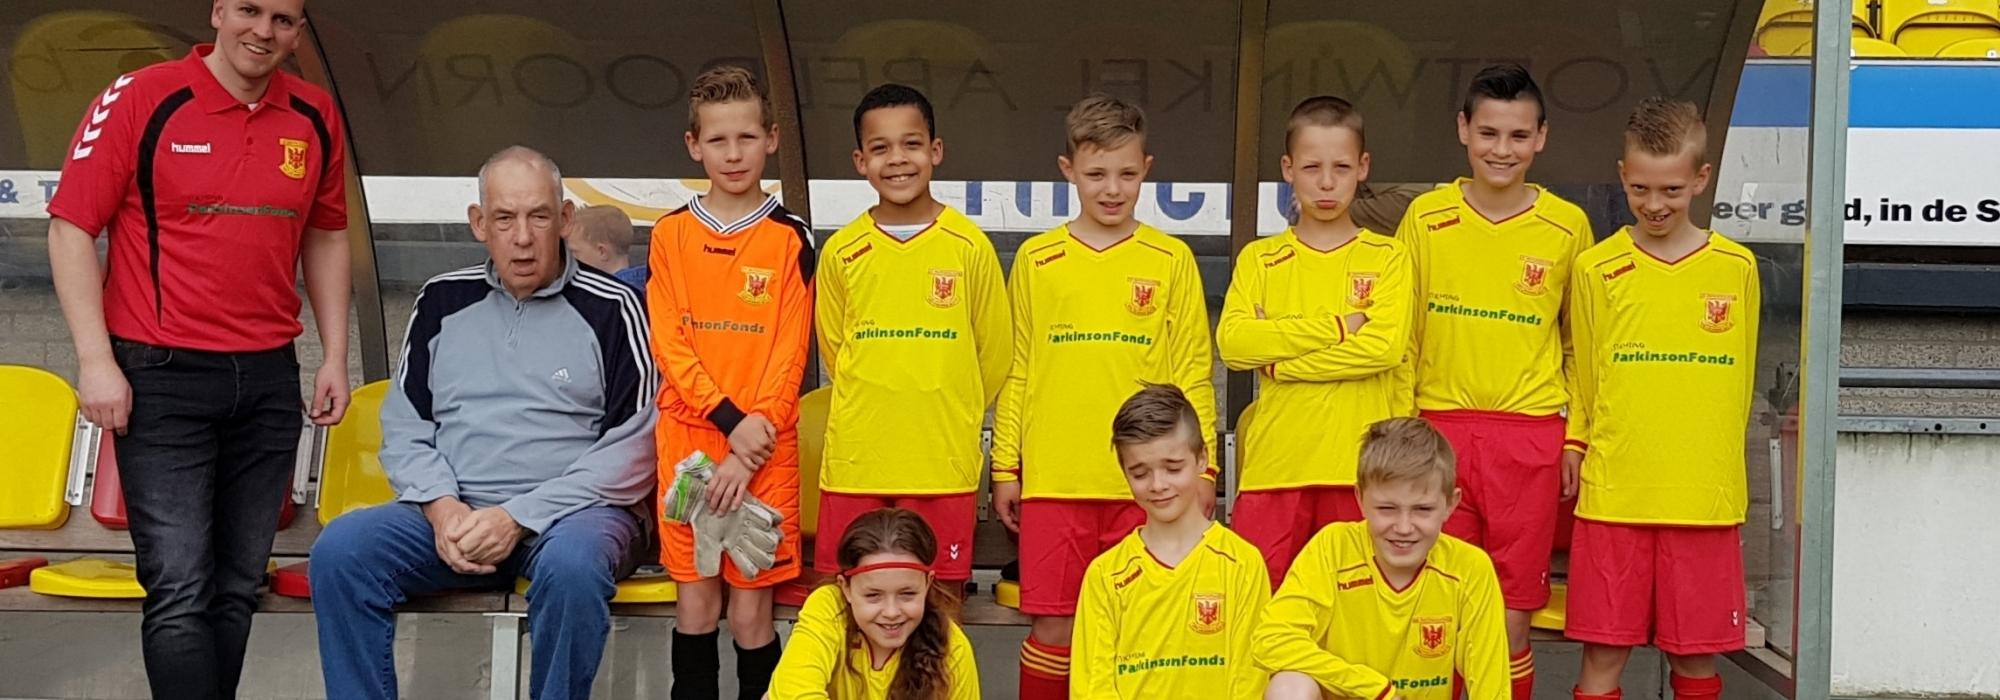 Apeldoornse Boys krijgen nieuw voetbal tenue